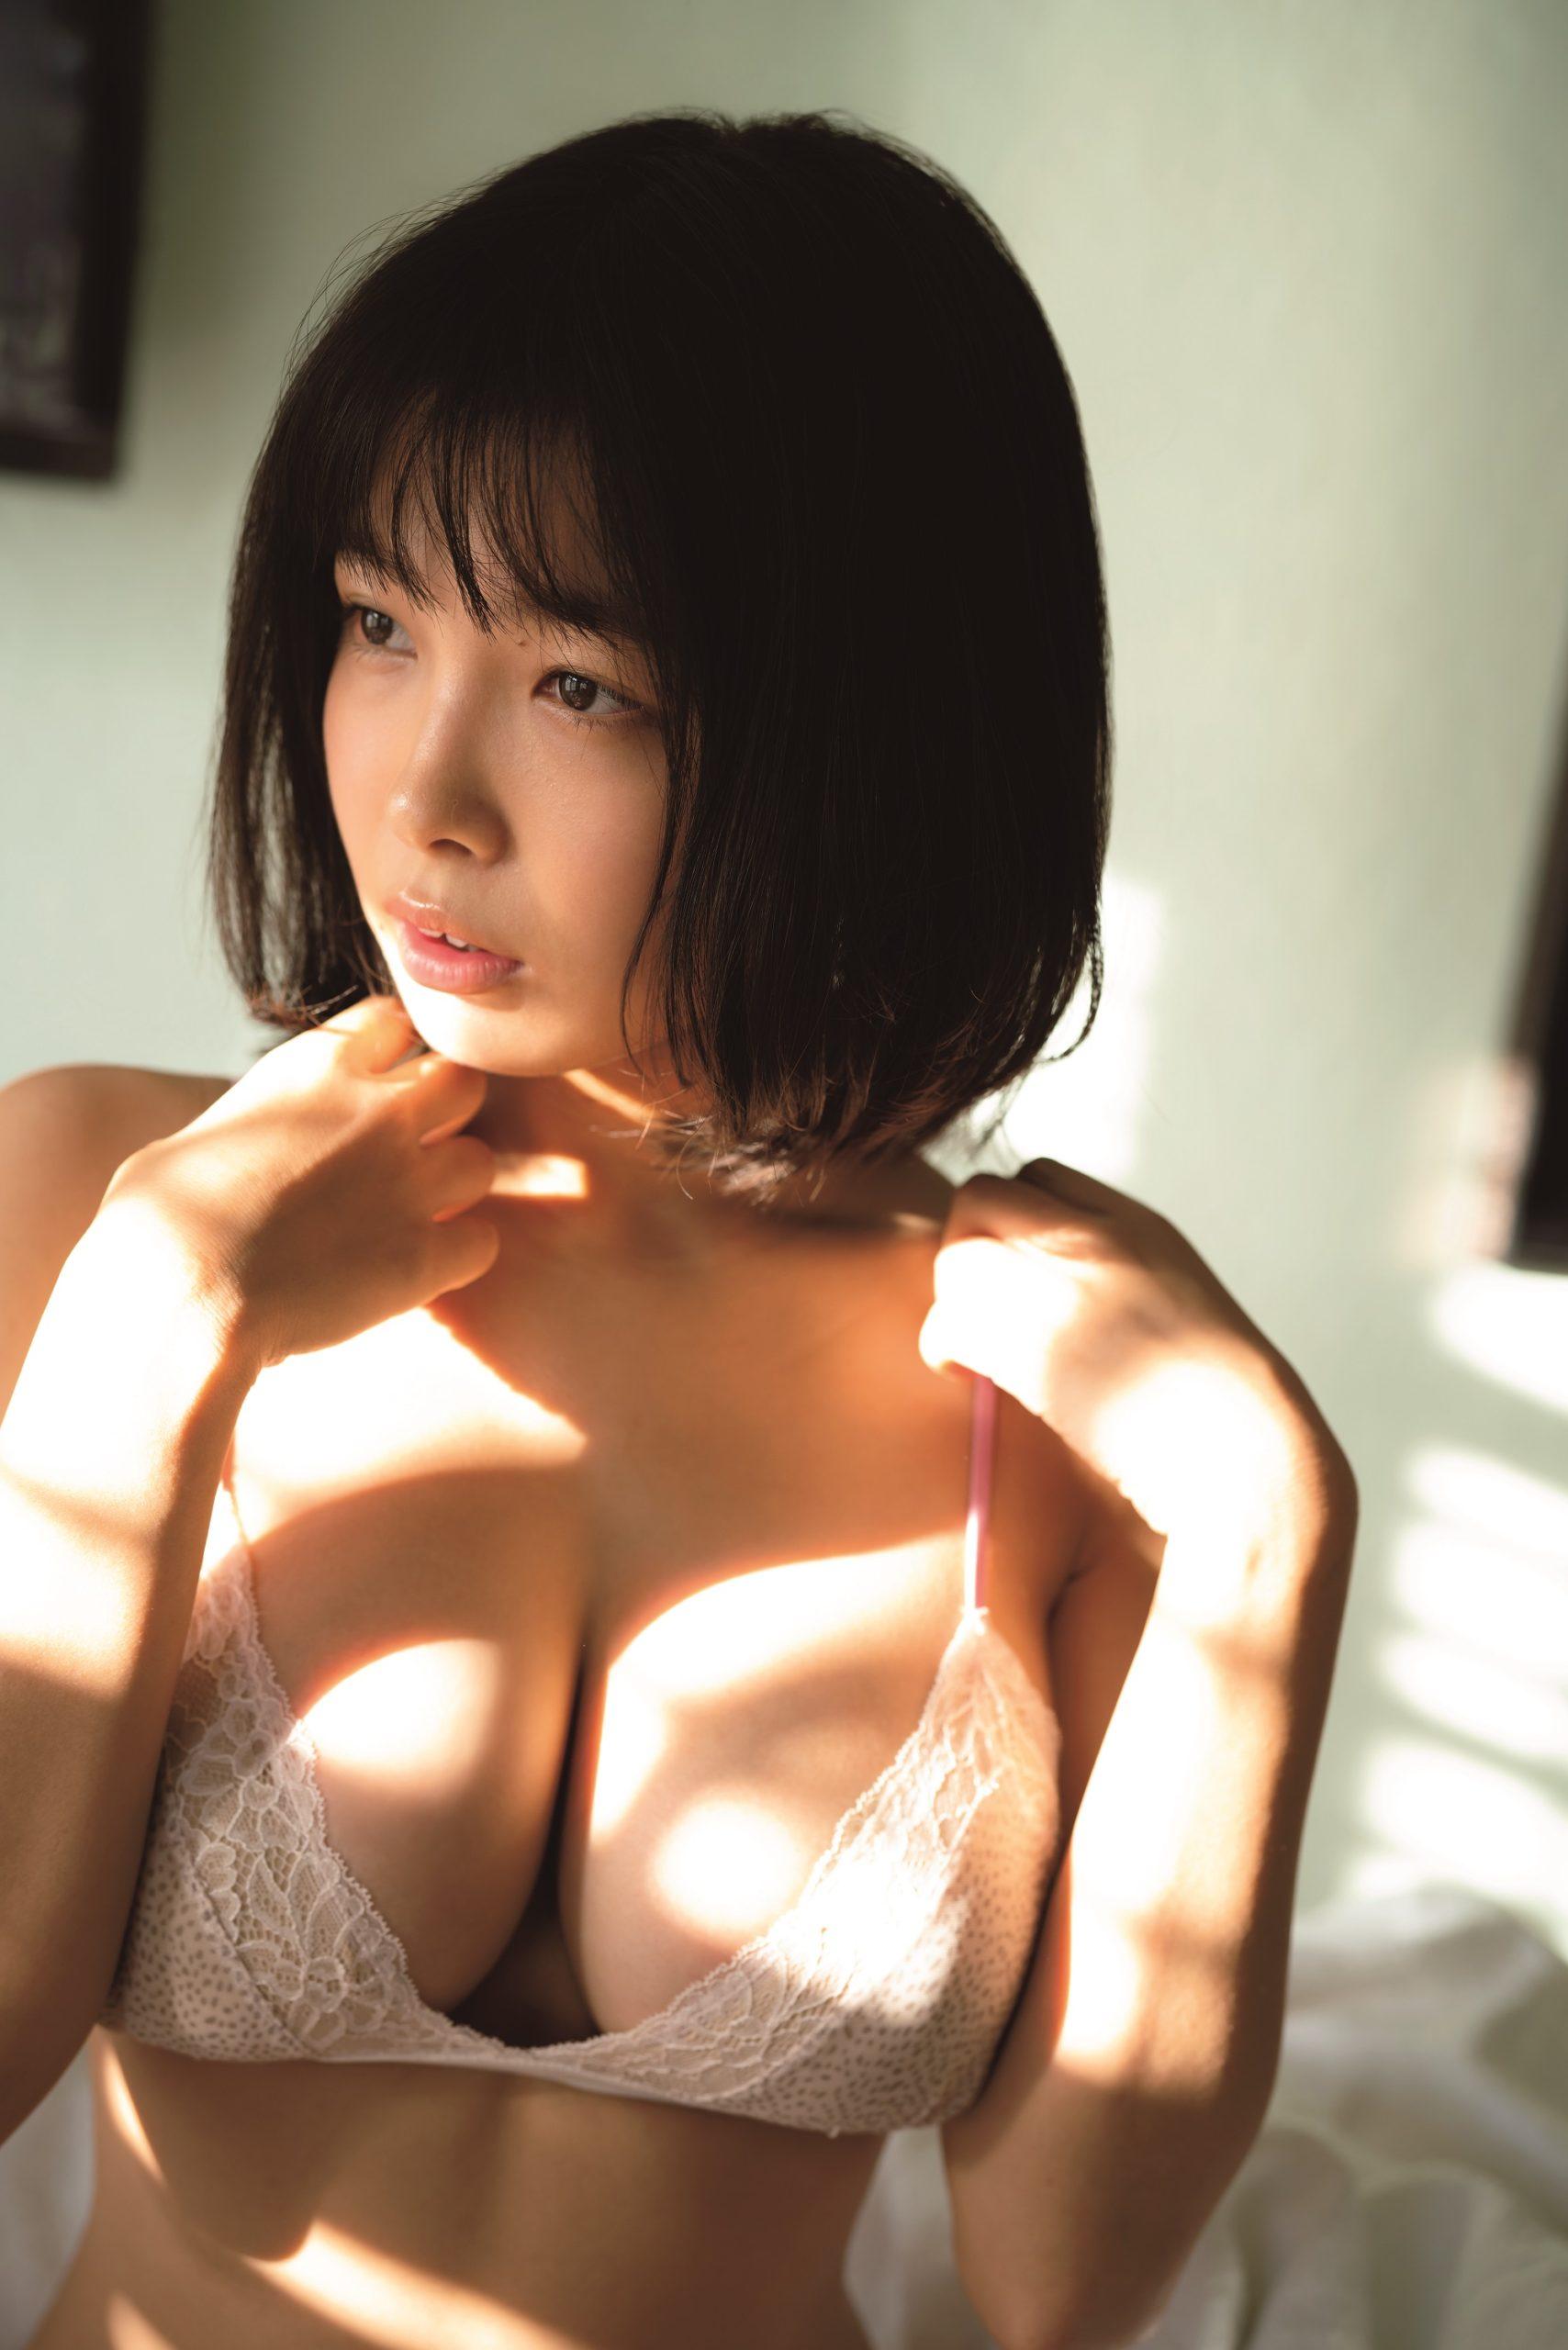 寺本莉緒/1st 写真集『CURIOSITY』©LUCKMAN/ヤングマガジン